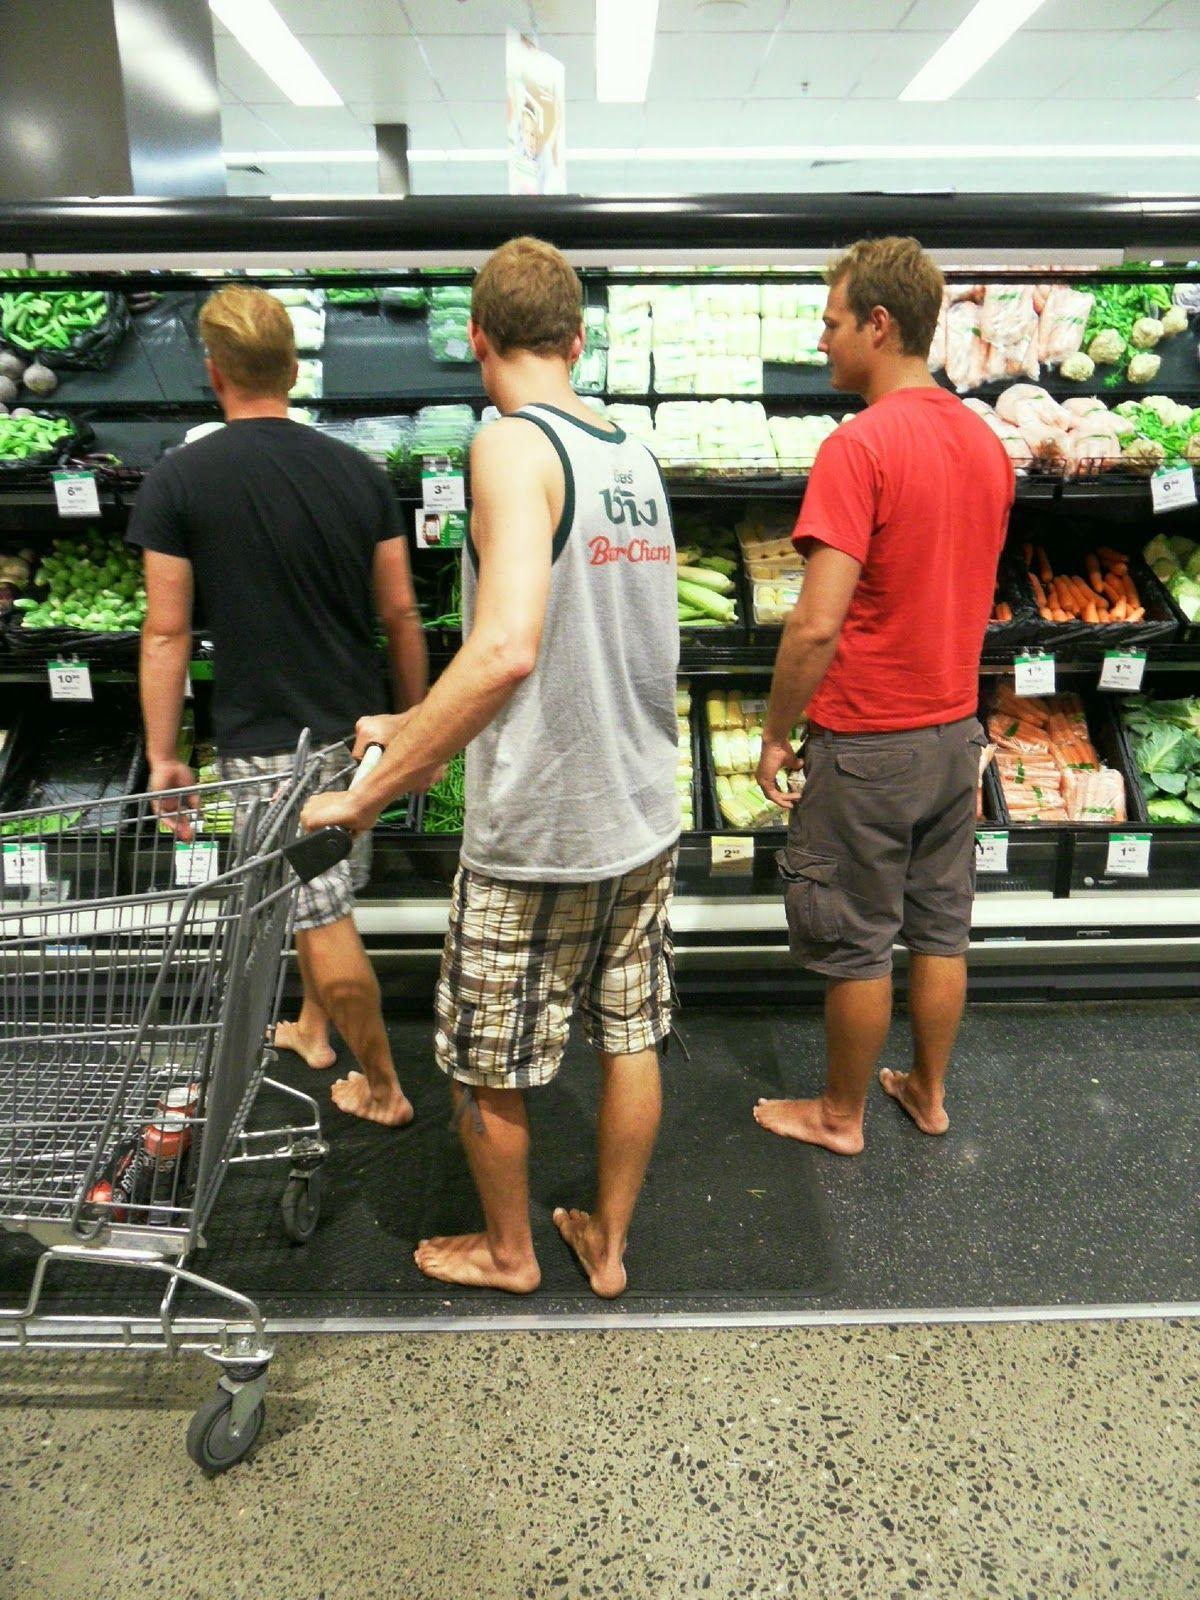 Man Shopping Barefoot